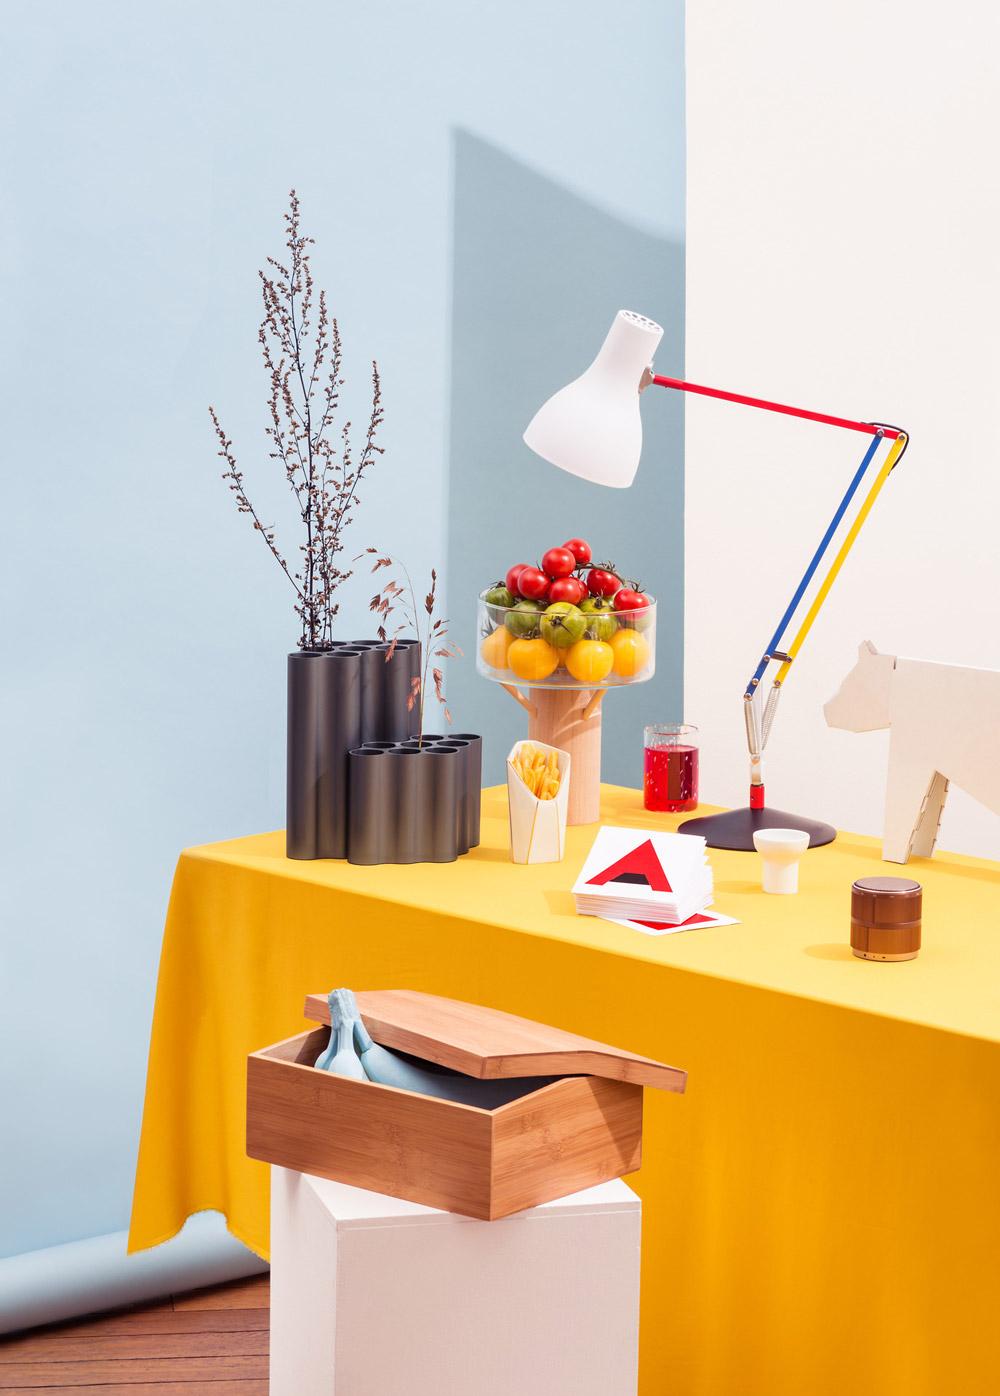 «Без названия», © Кирилл Робин / Cyrille Robin, Париж, Франция, Финалист категории «Коммерческая / Редакционная», Фотоконкурс натюрморта «Объекты желания» — Objects of Desire